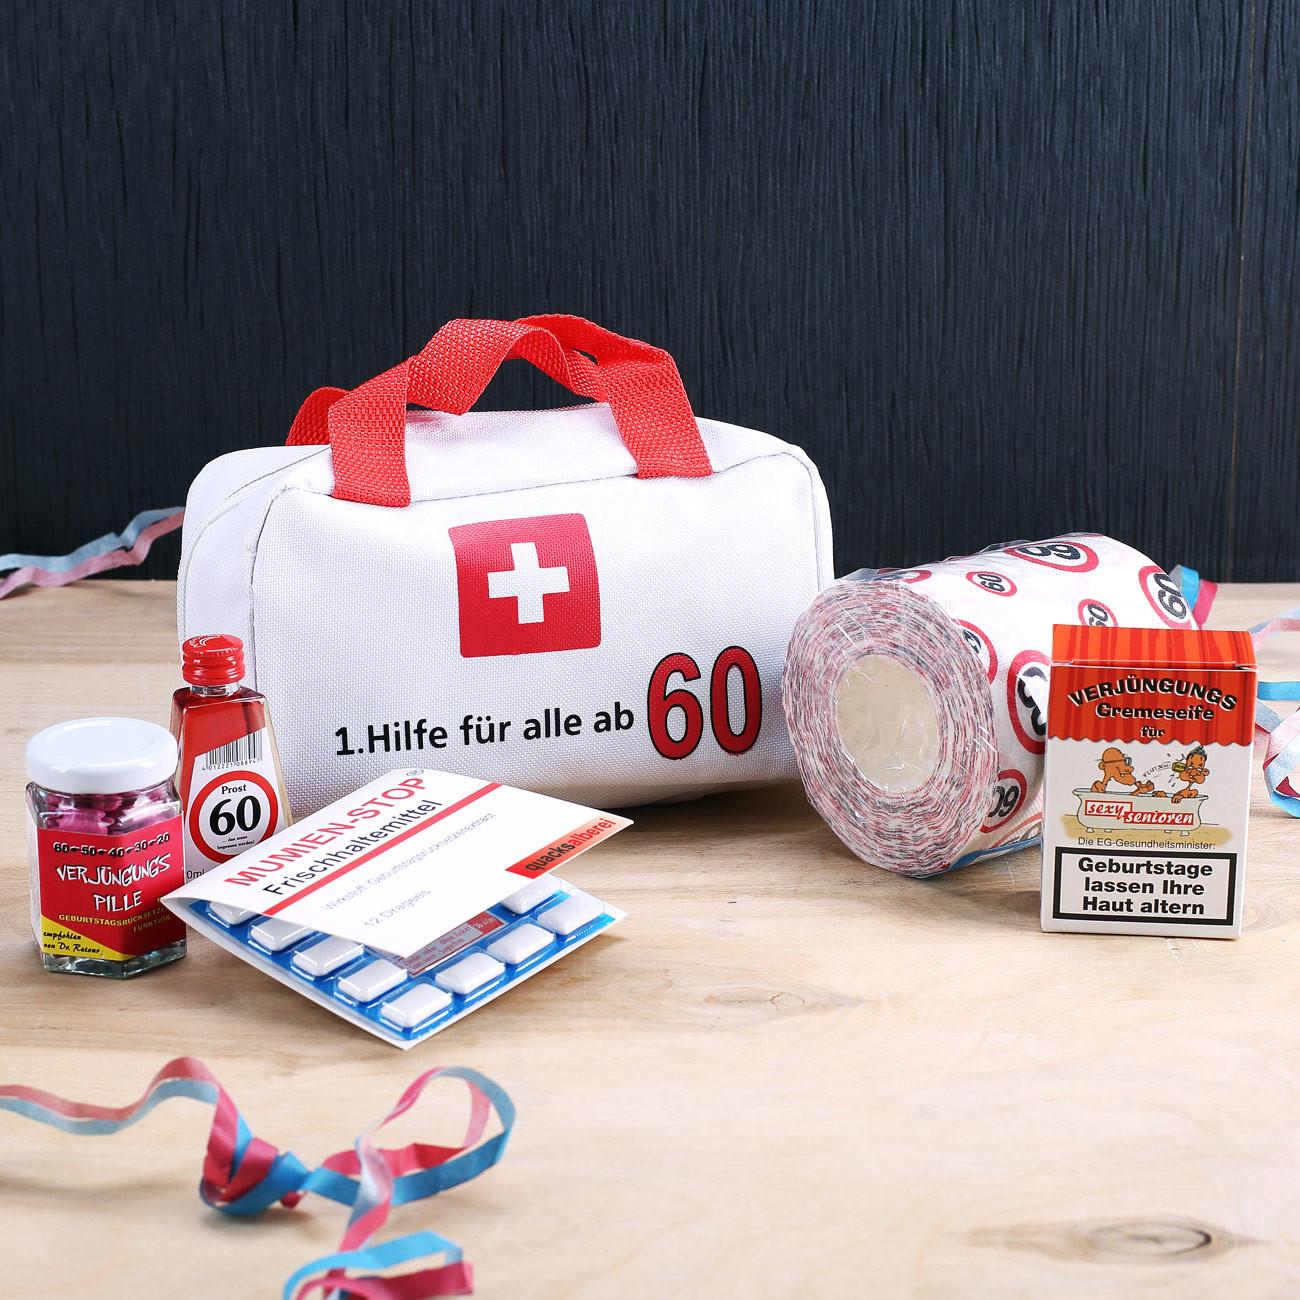 Geburtstagsgeschenke Zum 60  Geschenke zum 60 Geburtstag